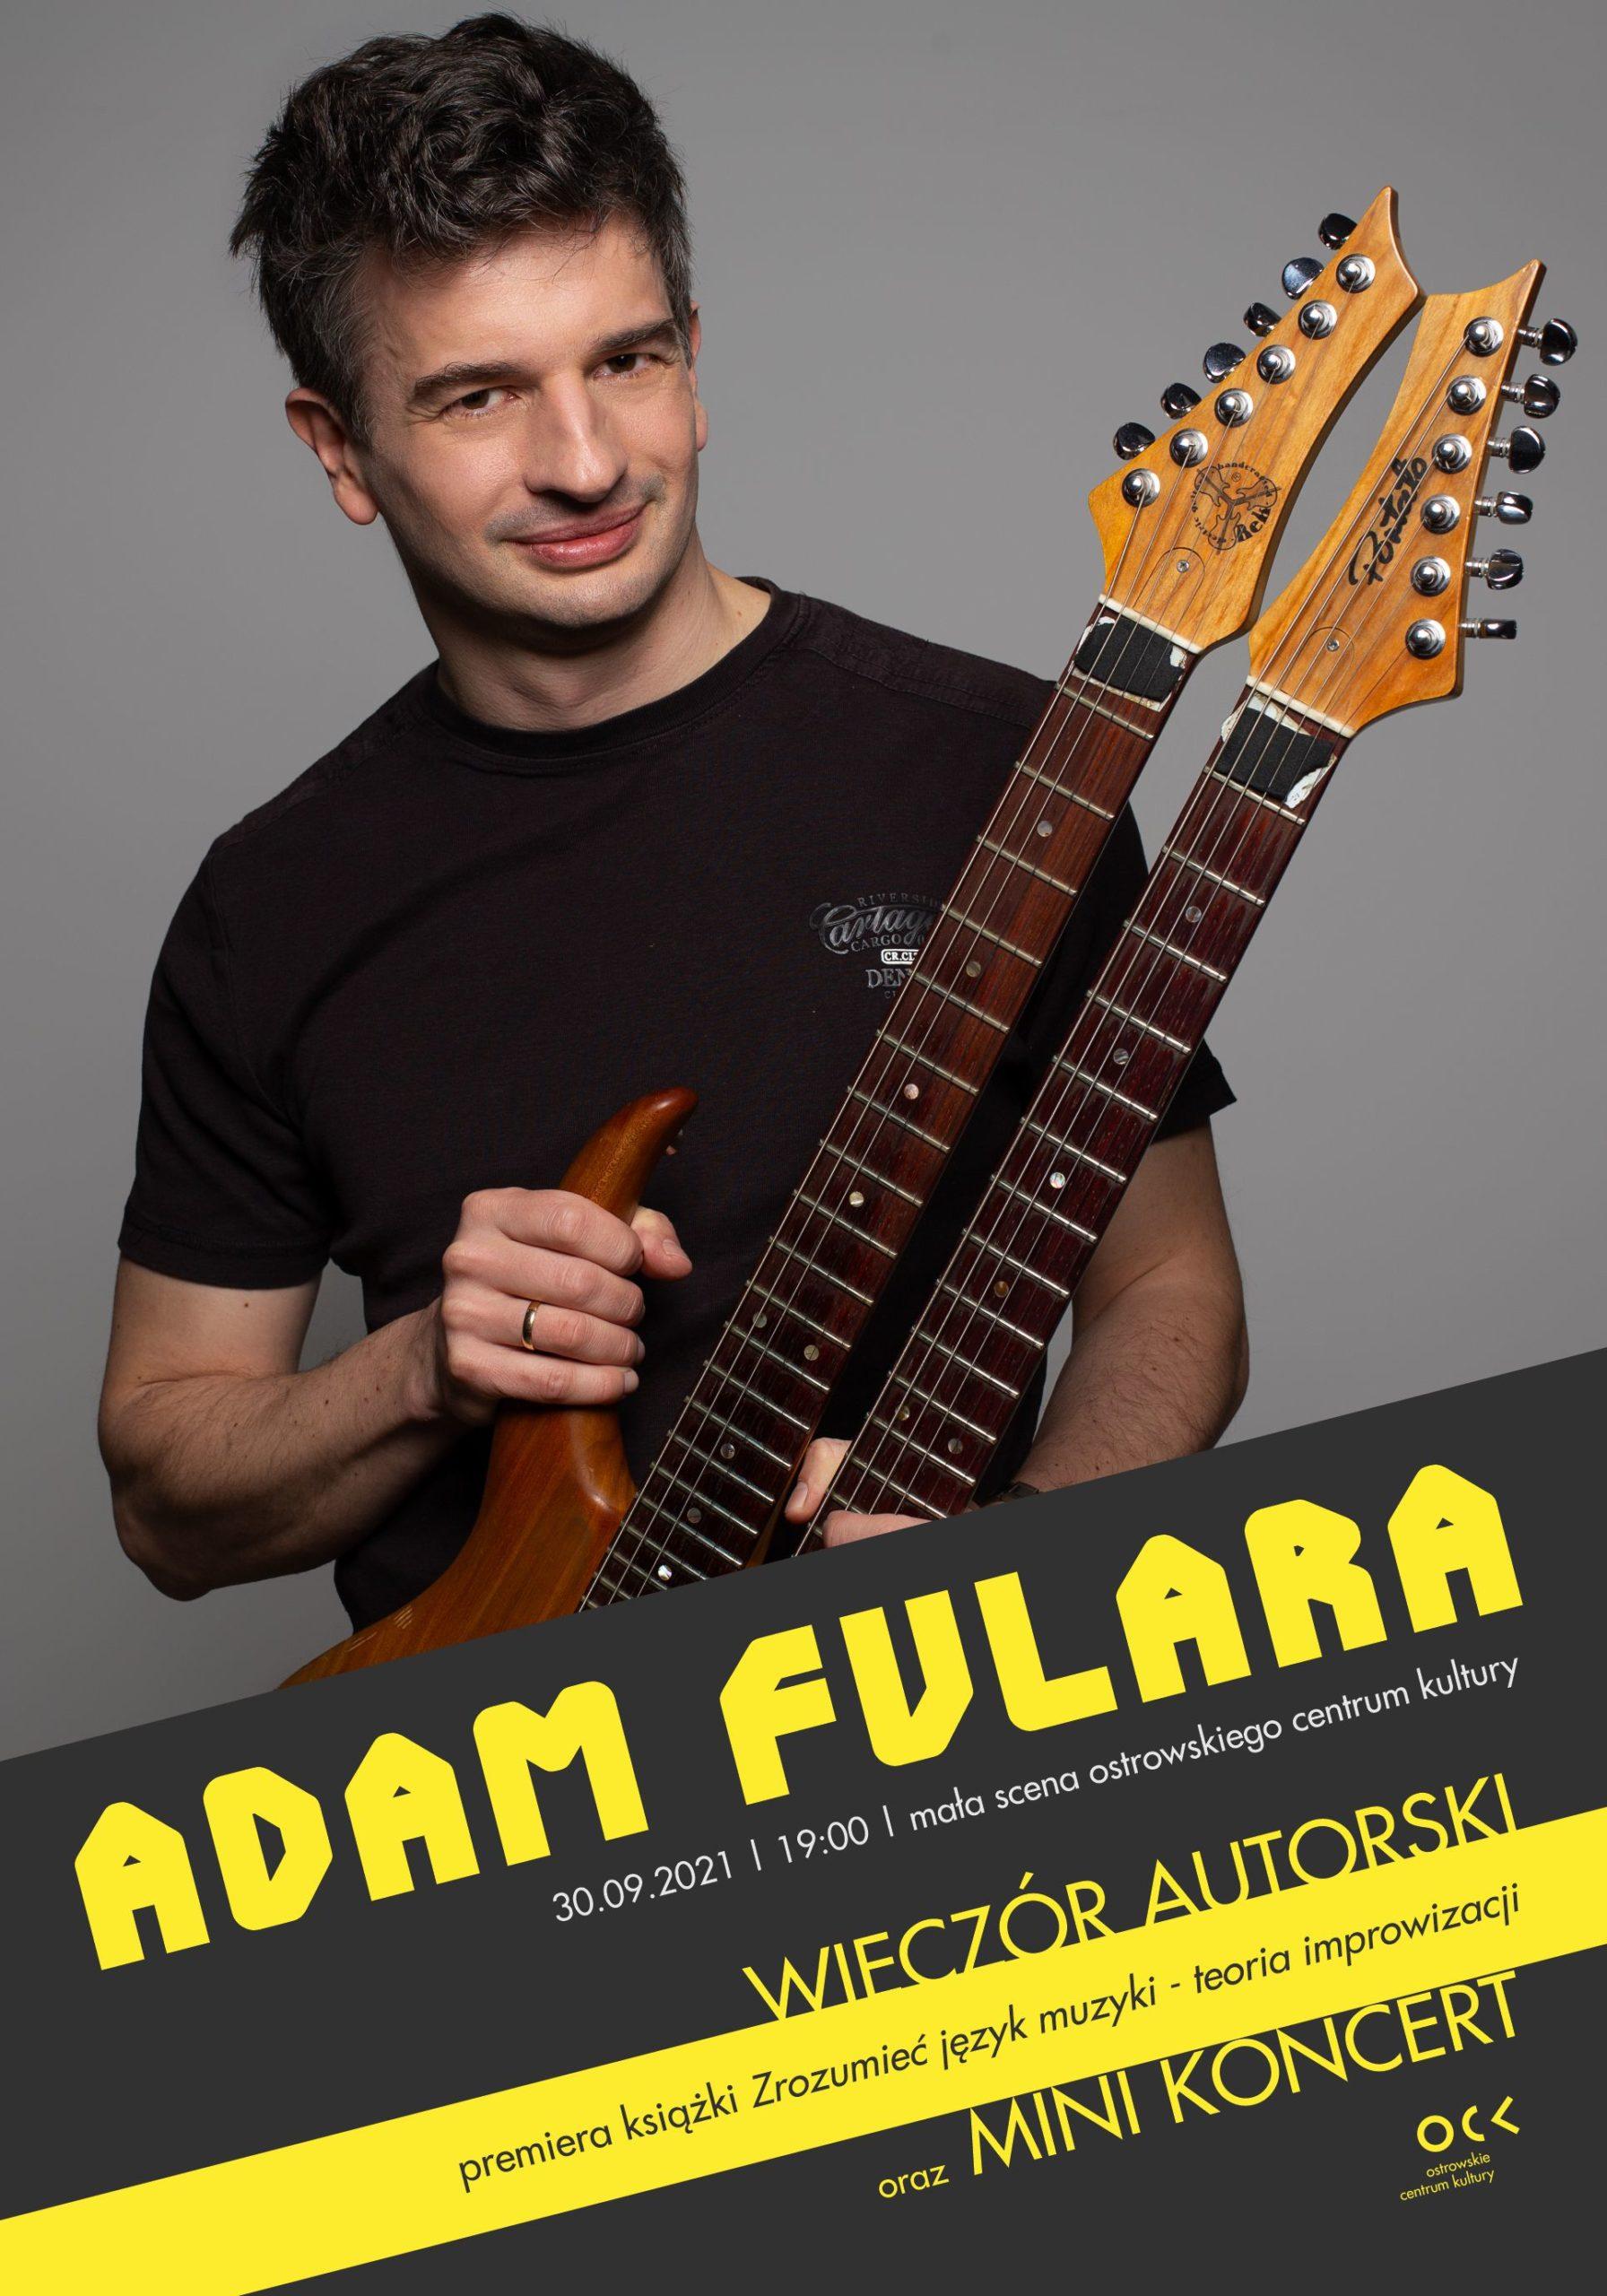 Adama Fulara gig in Ostrowskie Centrum Kultury - mała scena